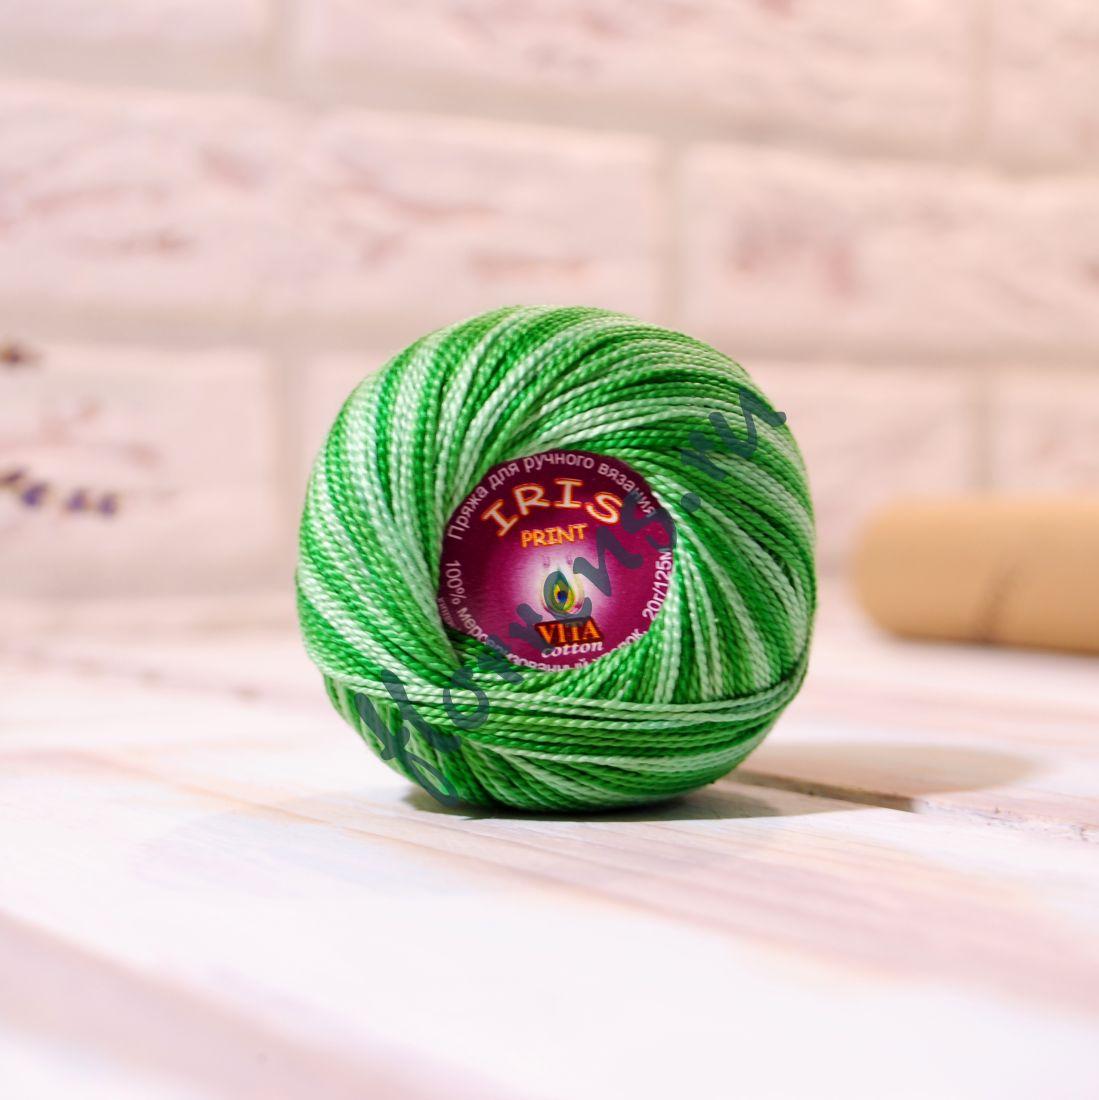 Пряжа Iris print / 2202 зеленый меланж